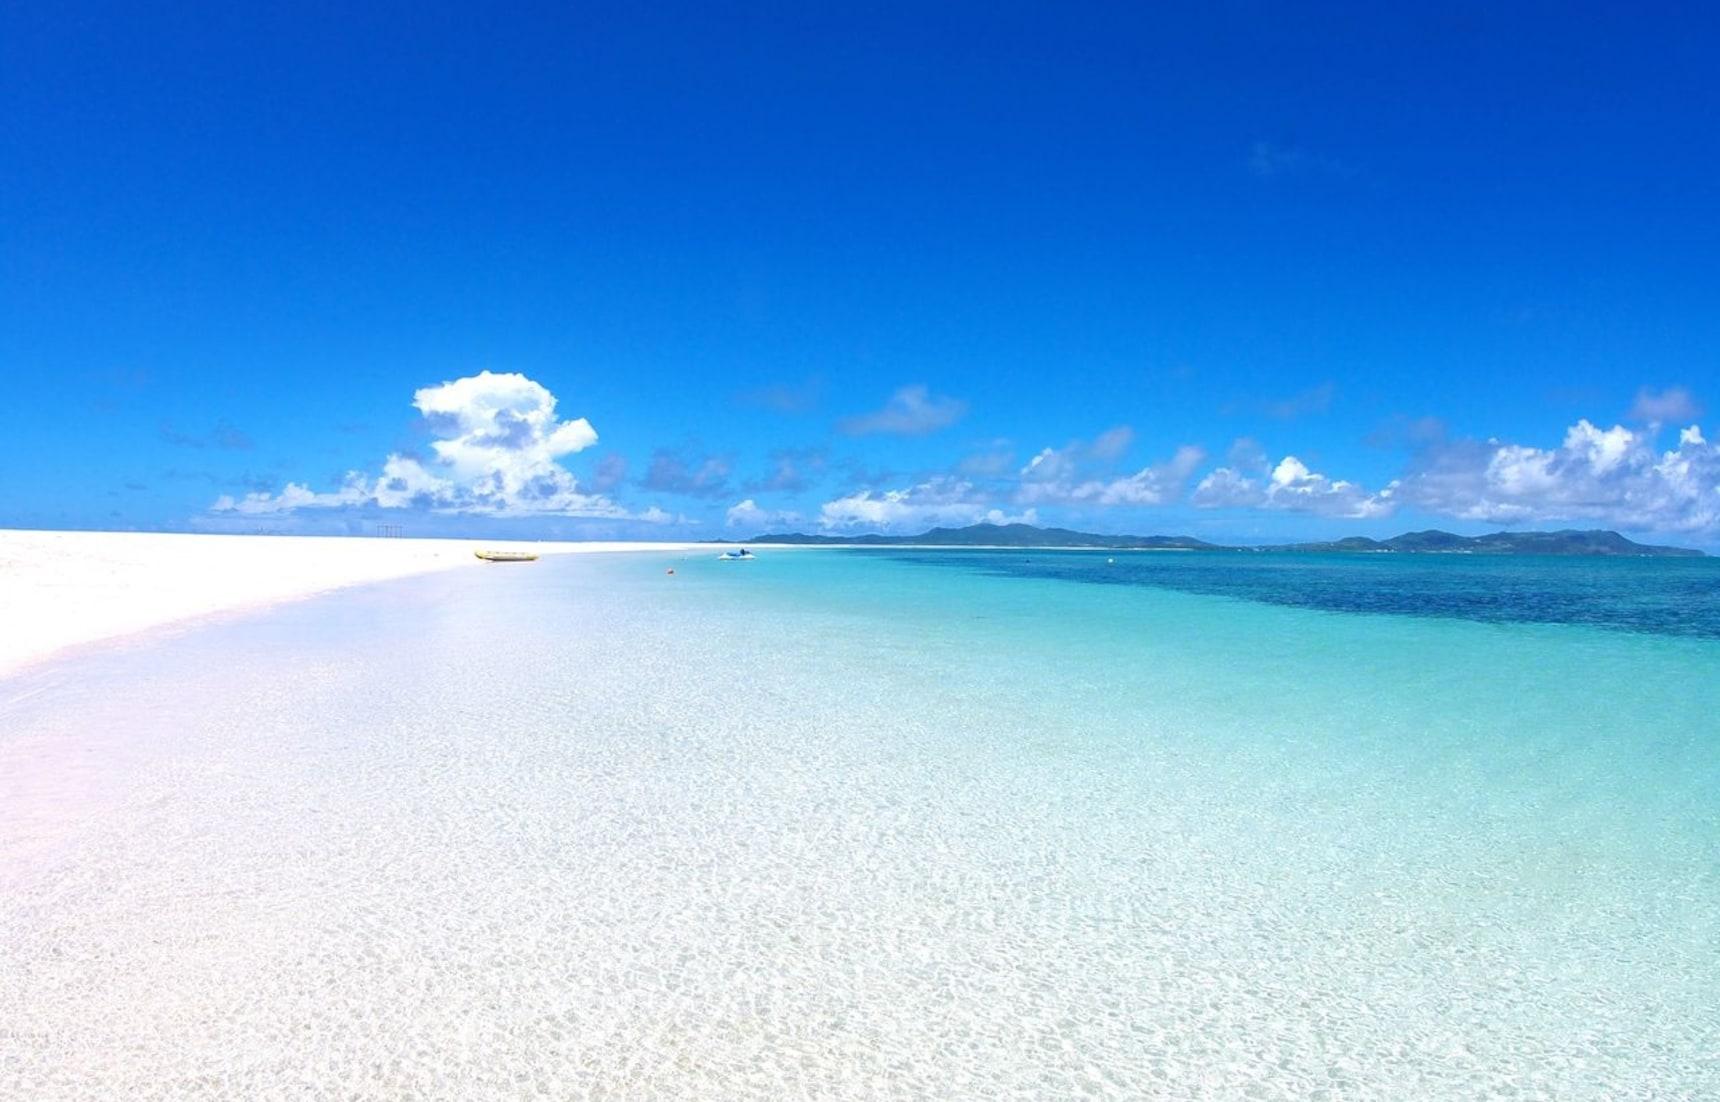 6 อันดับชายหาดแสนงดงาม สวรรค์ในญี่ปุ่น